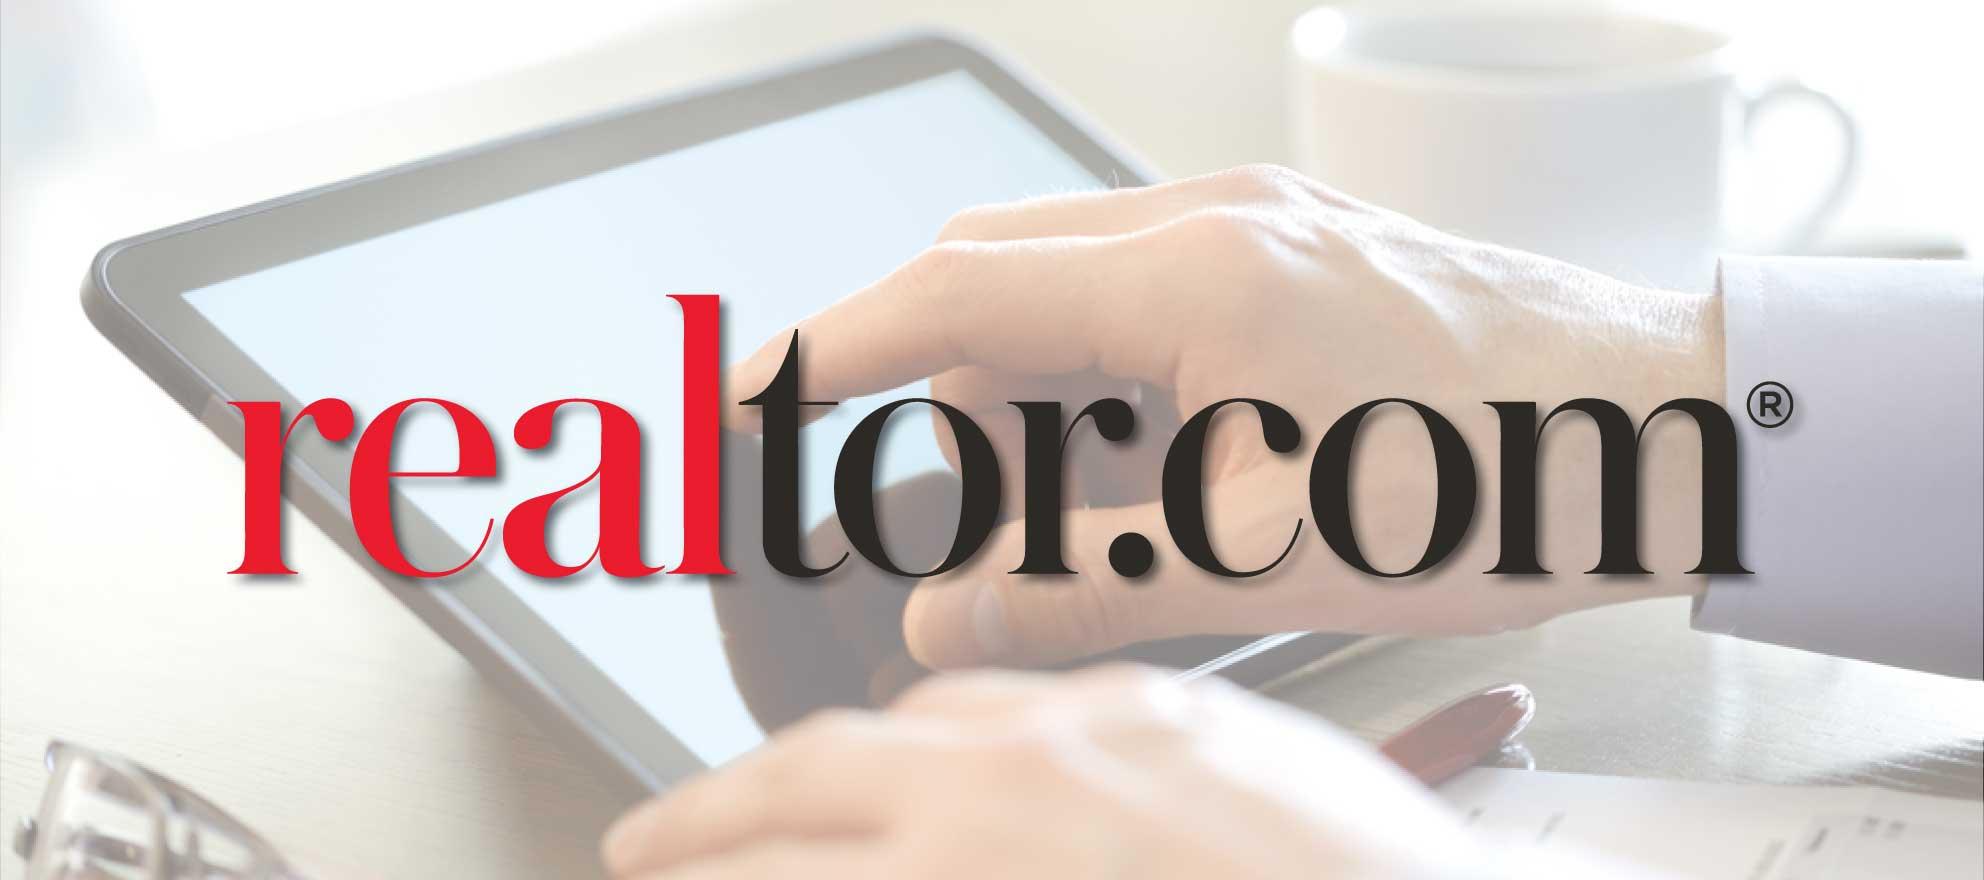 Most readers love realtor.com's new logo